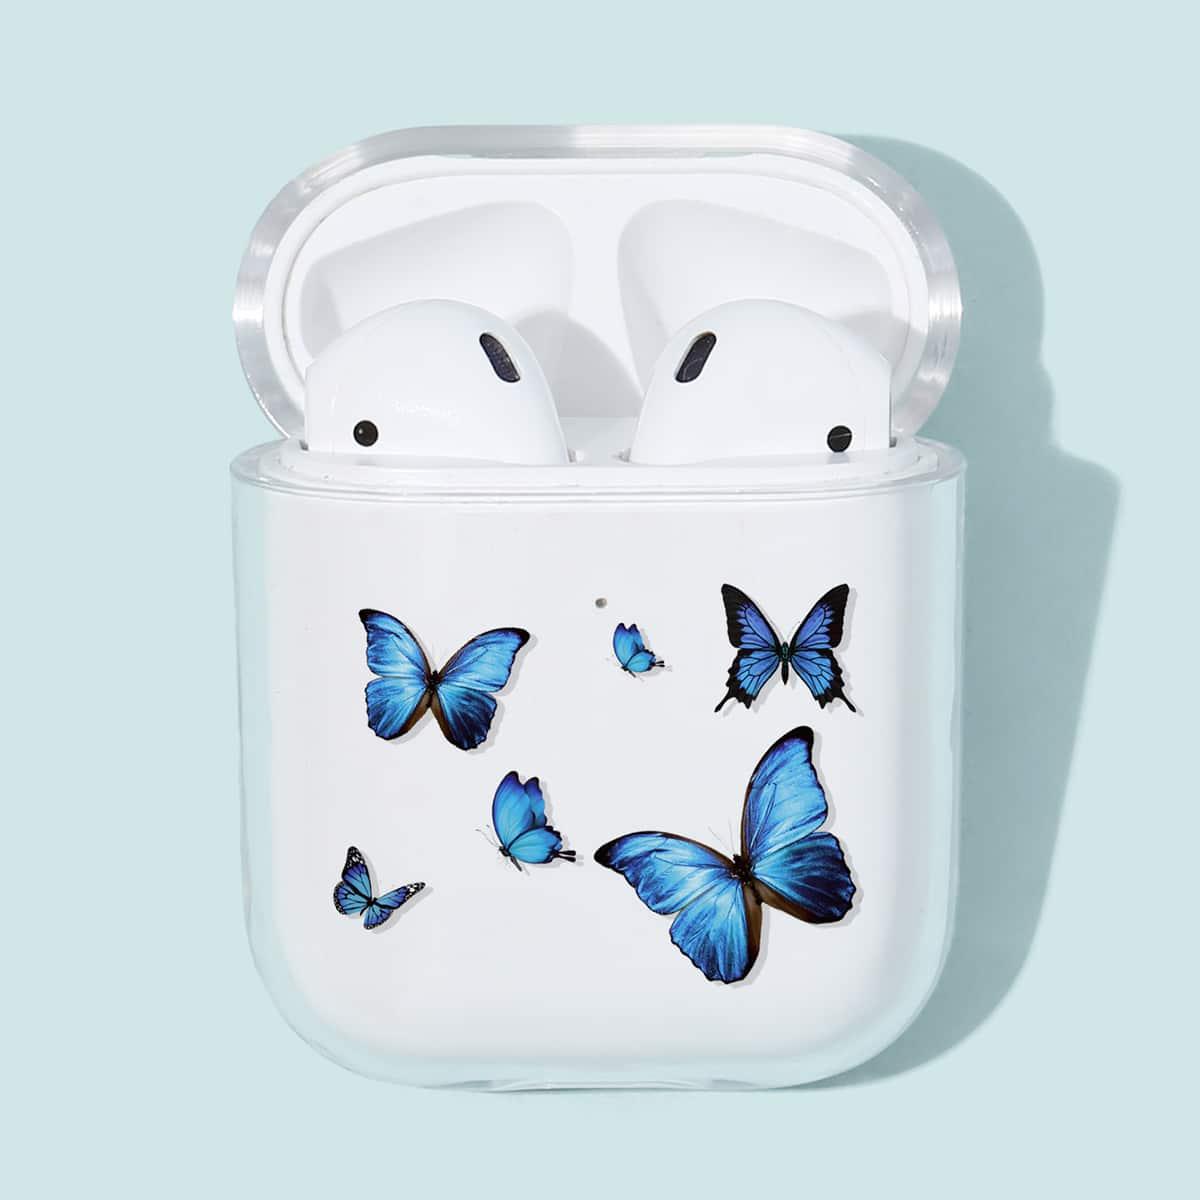 SHEIN / 1 Stück AirPods Schutzhülle mit Schmetterling Muster